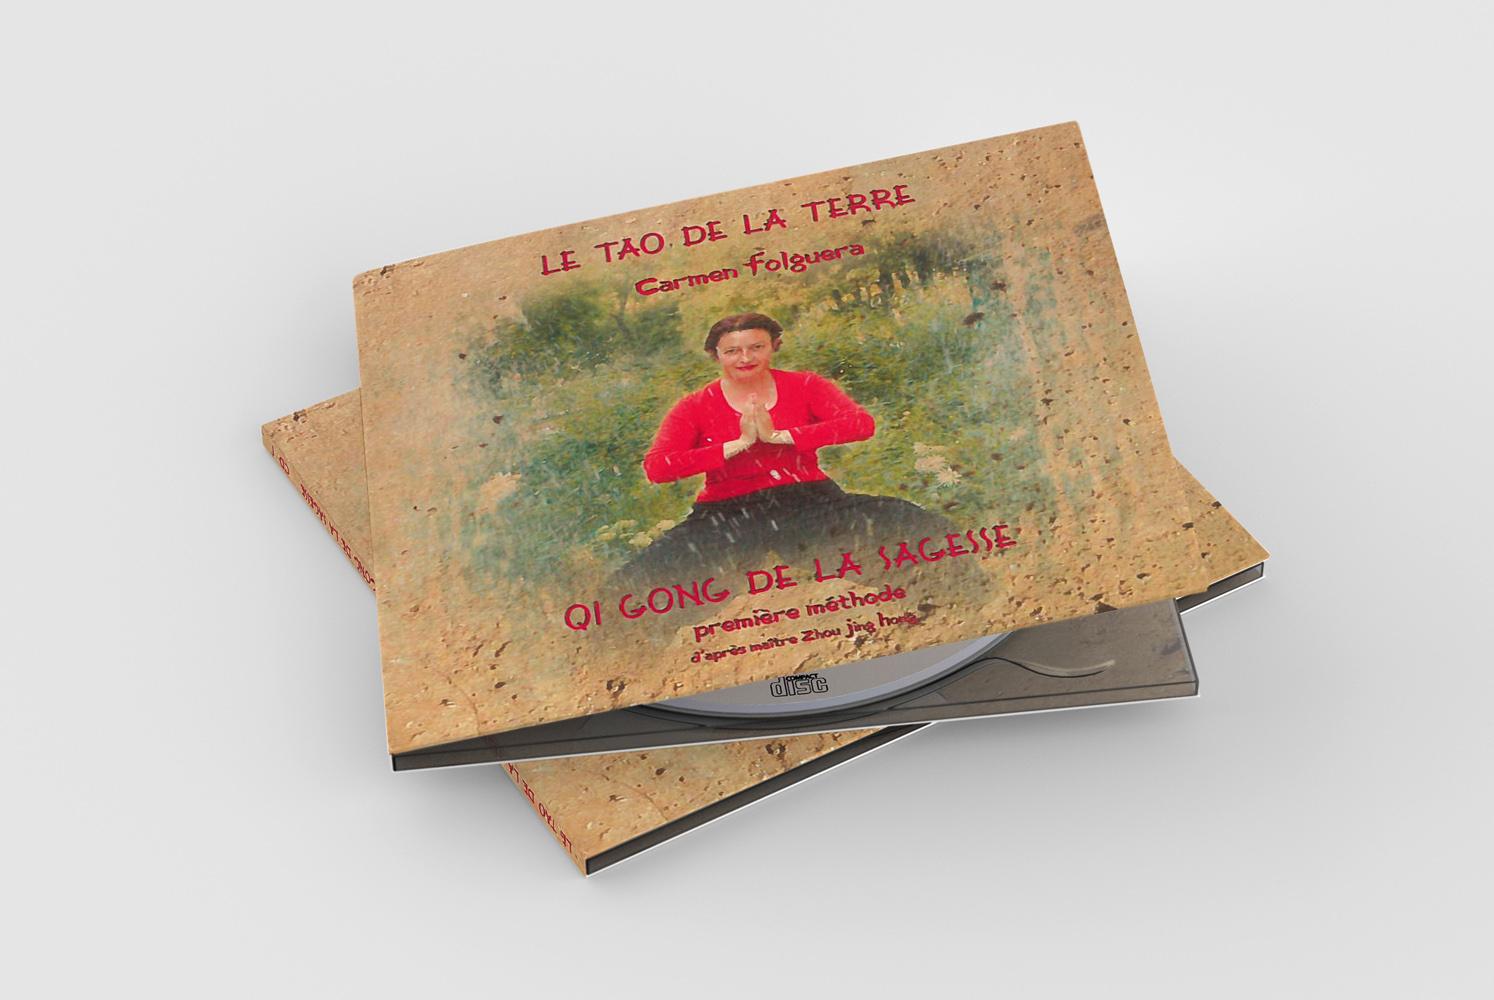 CD Carmen Folguera - Qi Gong de la Sagesse - Première Méthode